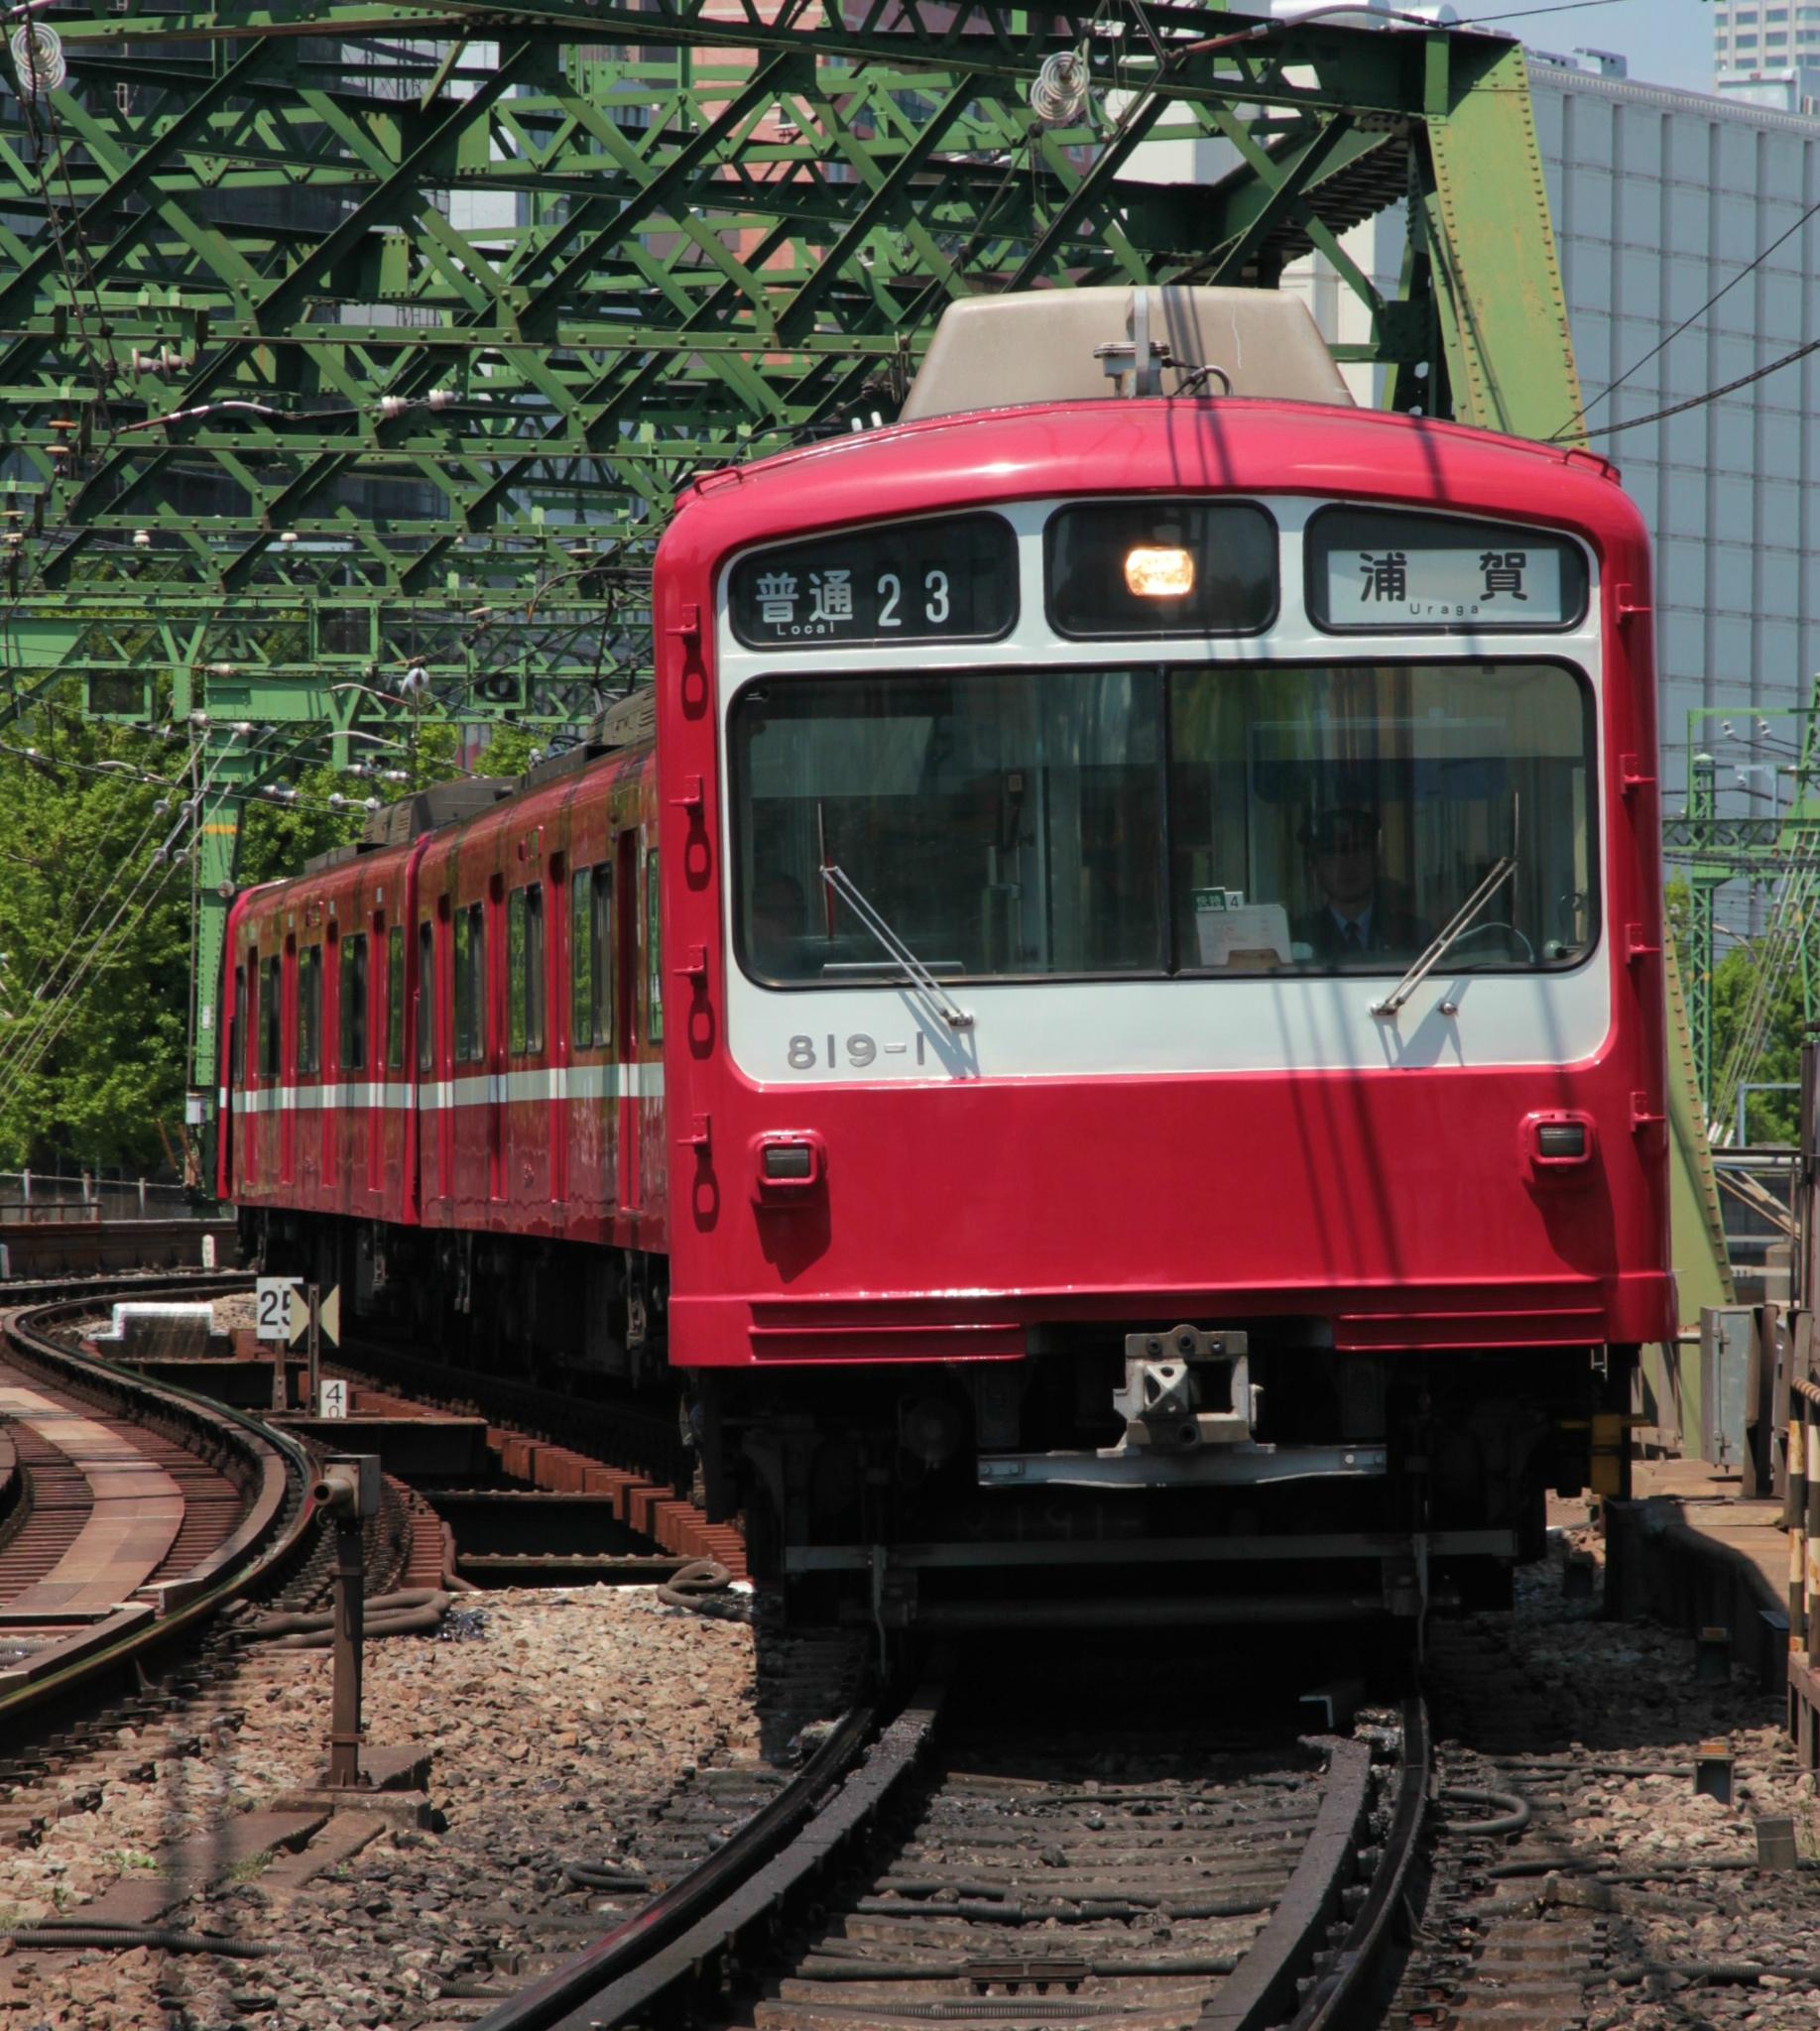 800系, Shinagawa